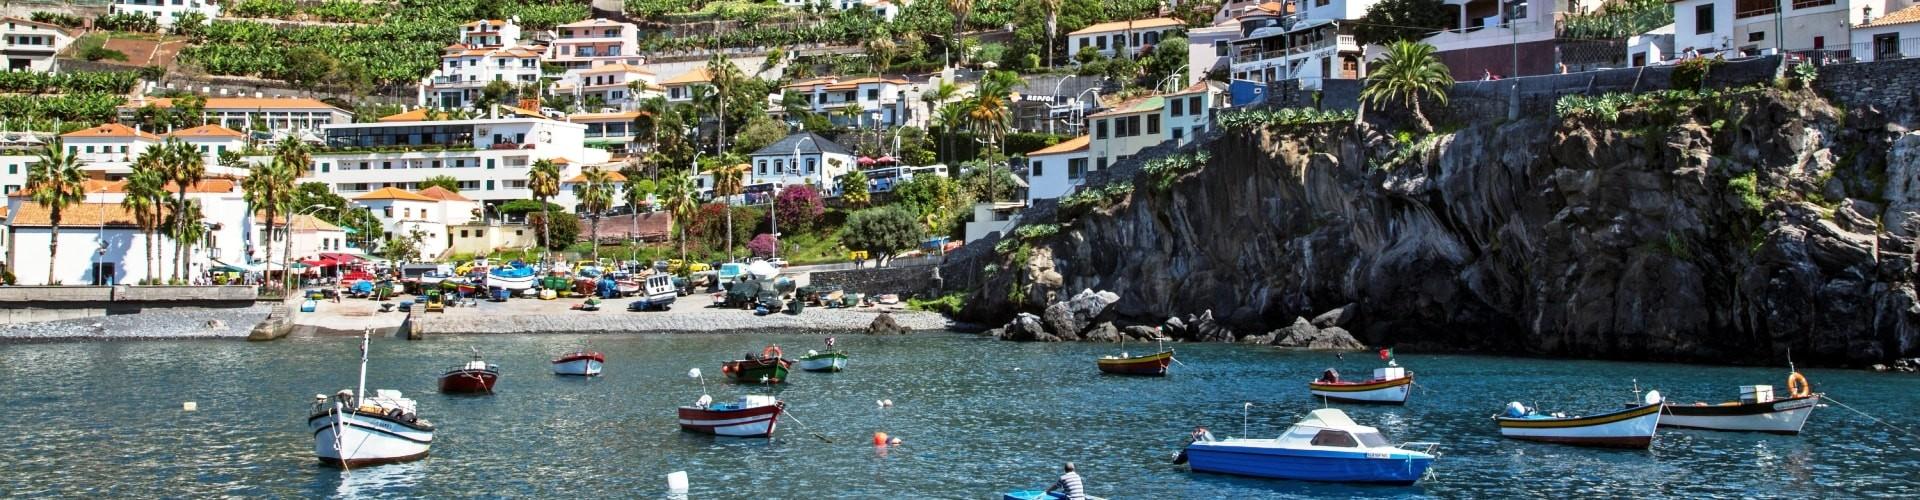 Municipio de Camara de Lobos na Ilha da Madeira